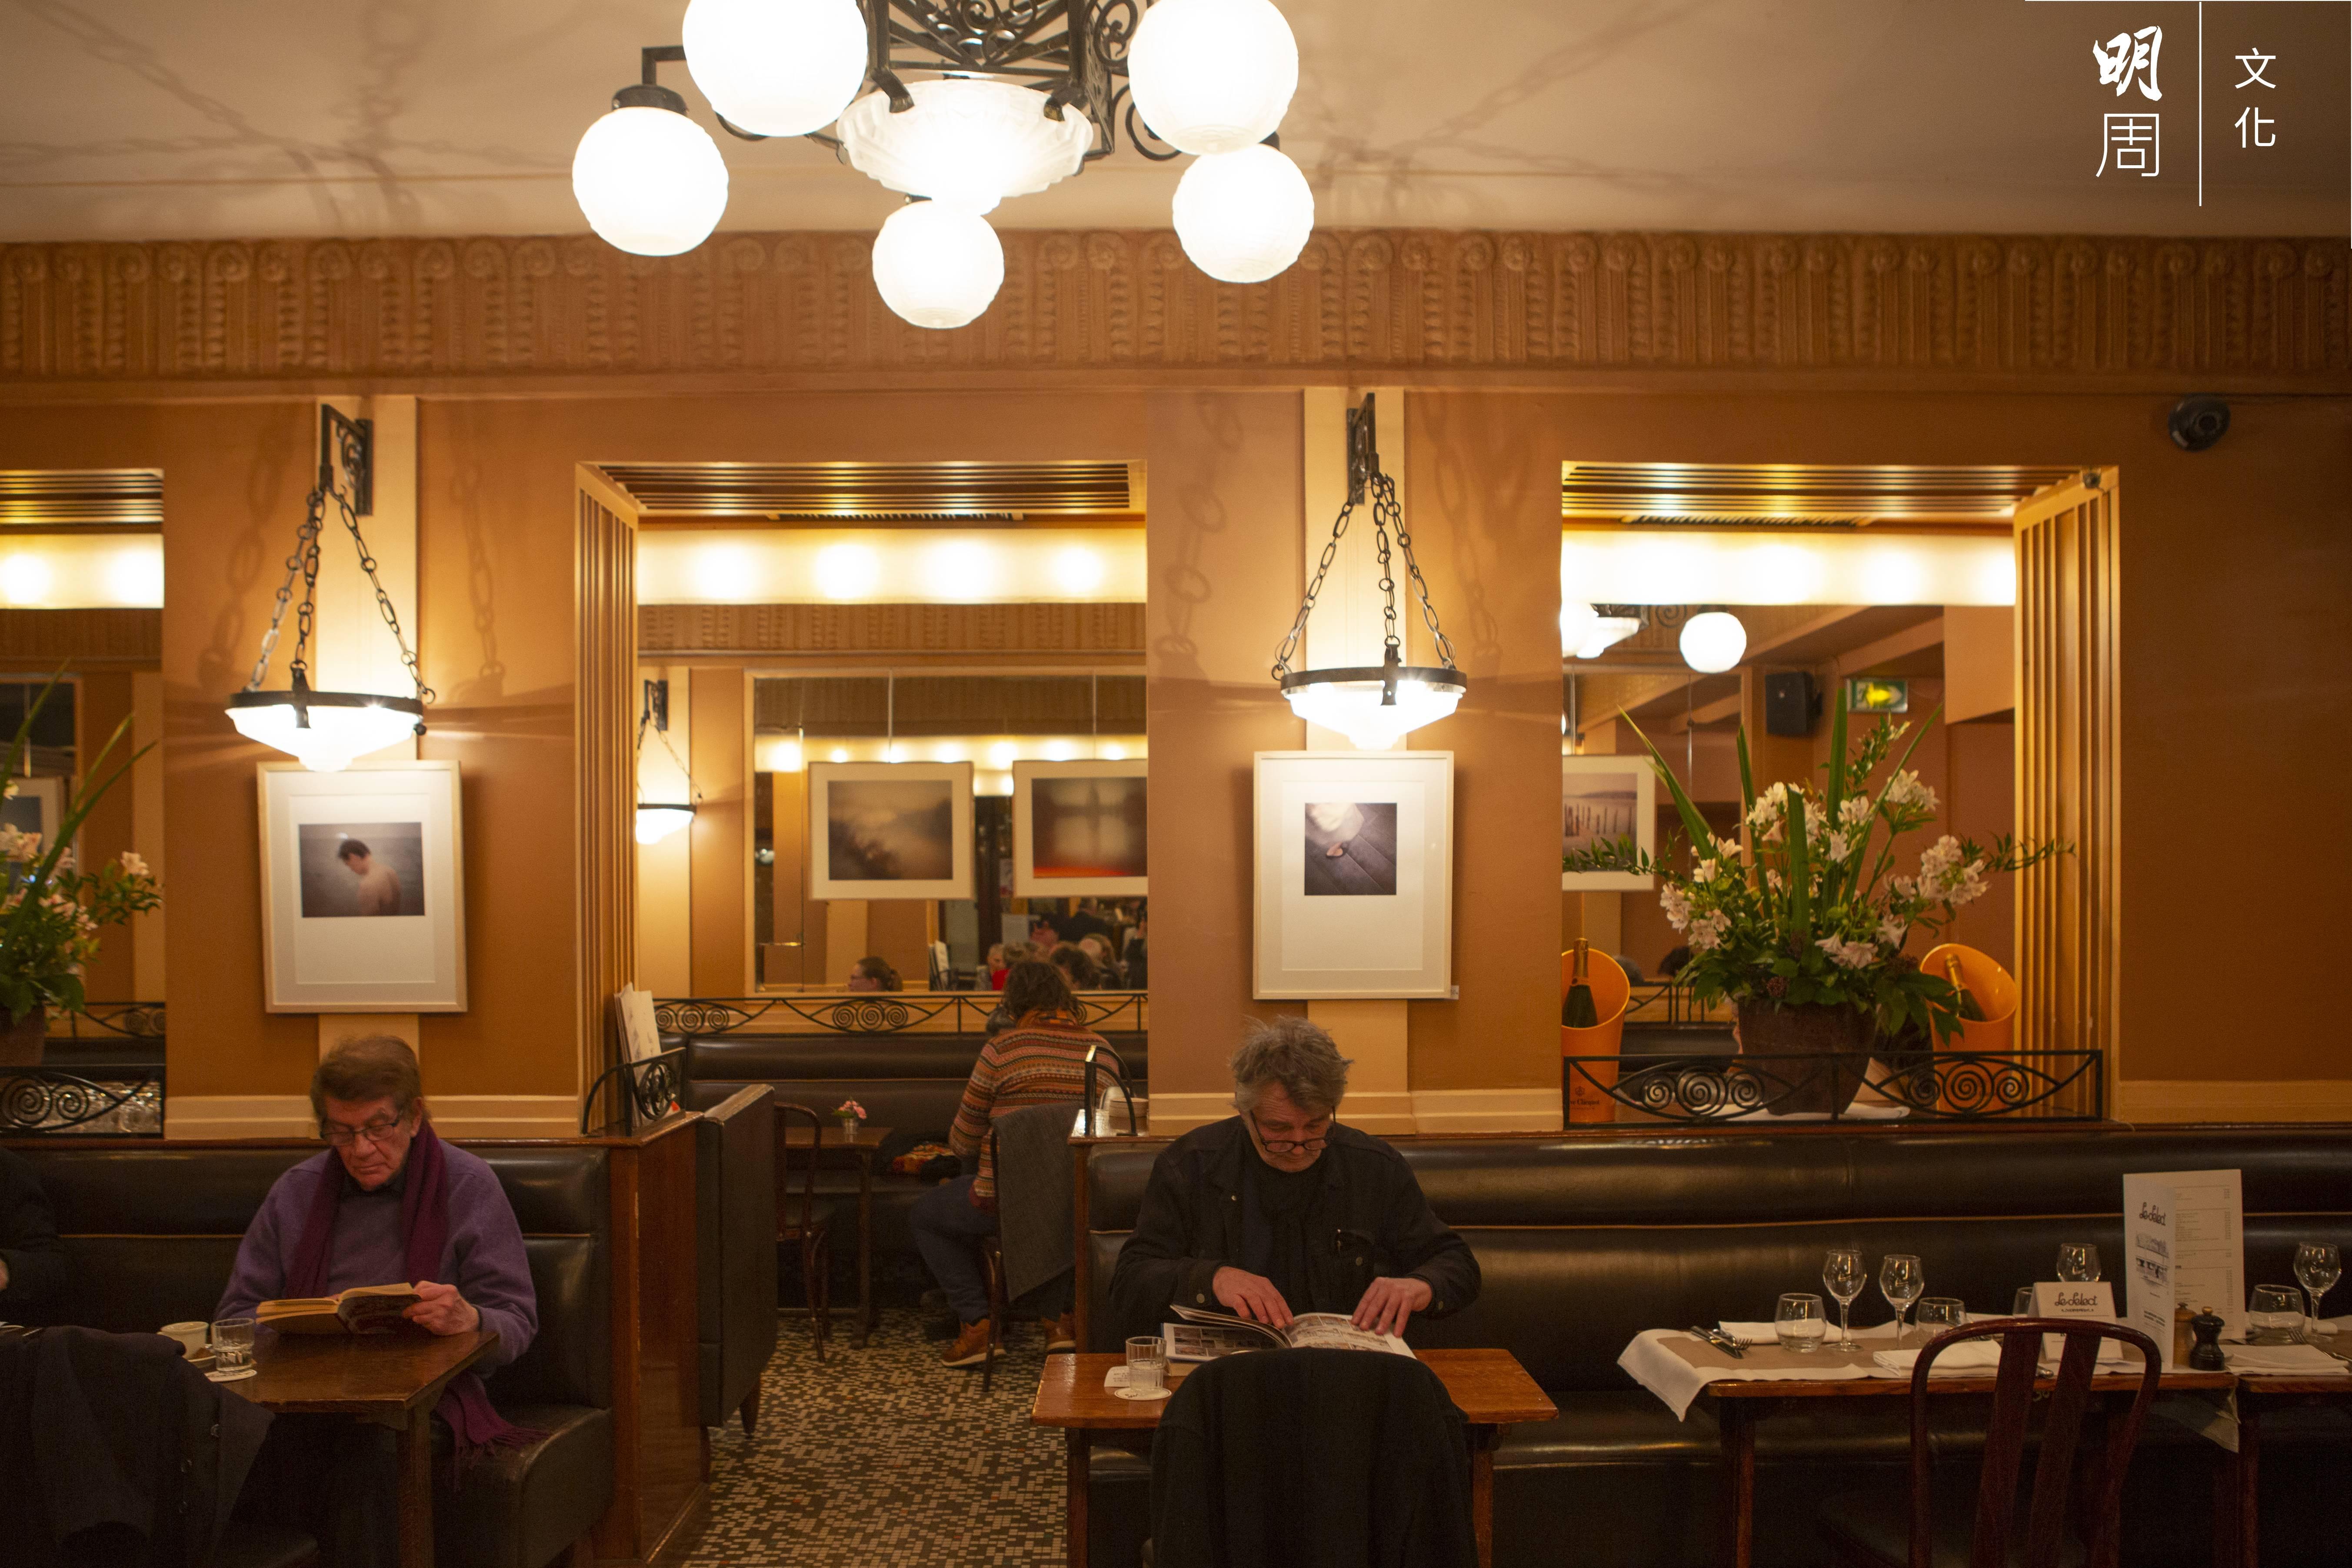 蒙帕納斯咖啡館內外愜意舒適,適合思考、讀書或聊天,多少驚天動地的靈感在此誕生?(上)Le Dôme外貌、(下)Le Select內部。